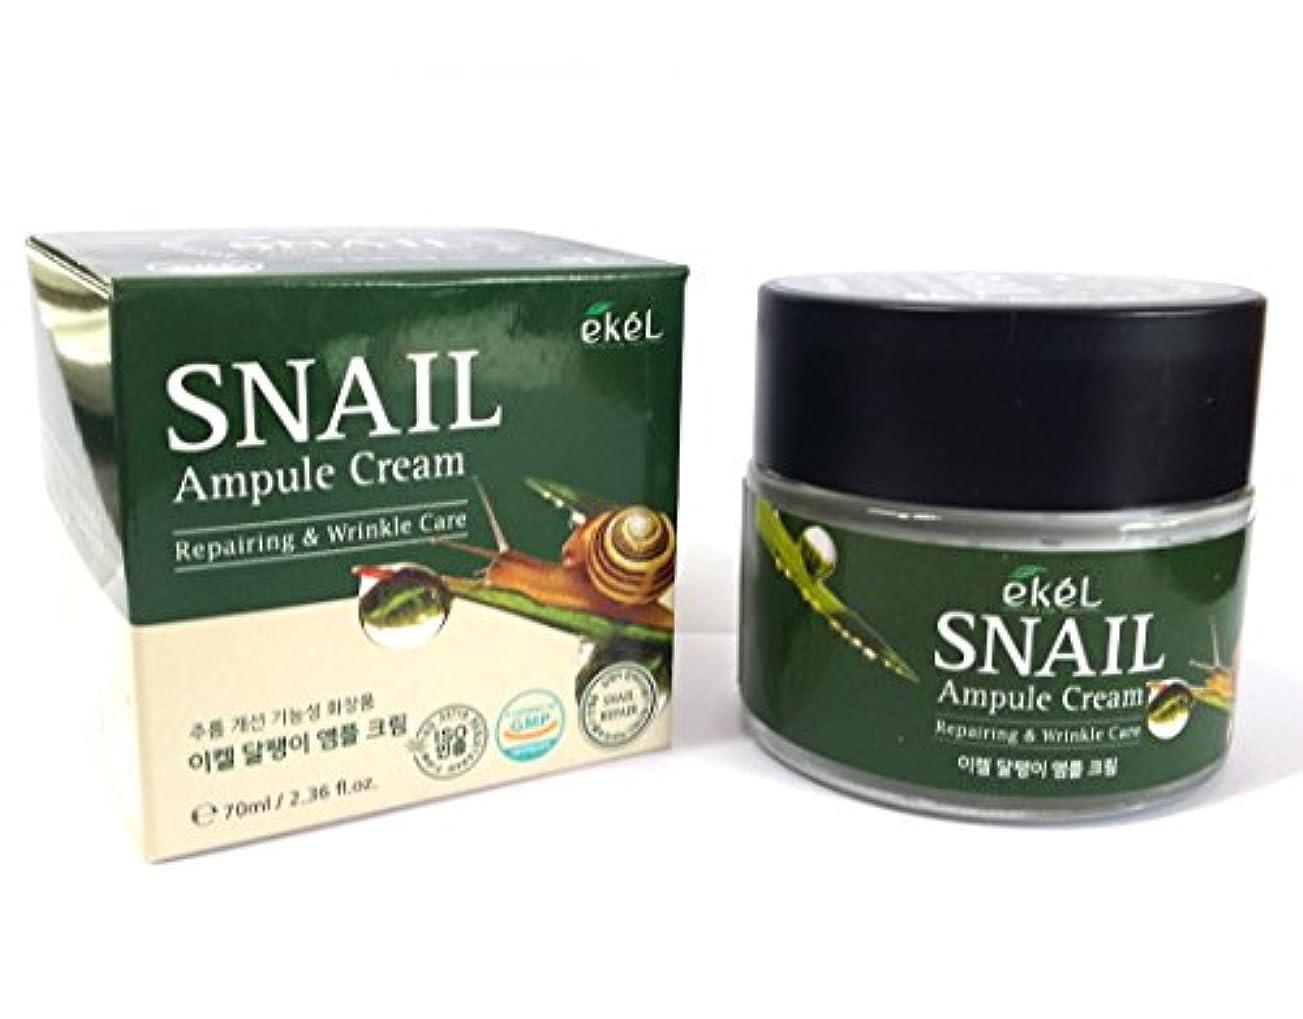 役職びん雰囲気[EKEL] カタツムリアンプルクリーム70ml / Snail Ampule Cream 70ml / / リペアリング&リンクルケア / ハイドレーティングクリーム / Repairing & Wrinkle Care...